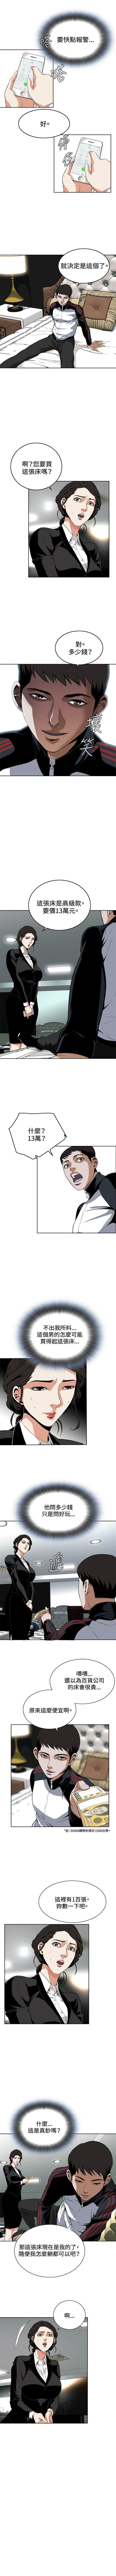 偷窥  0-10 中文翻译 (更新中) 49